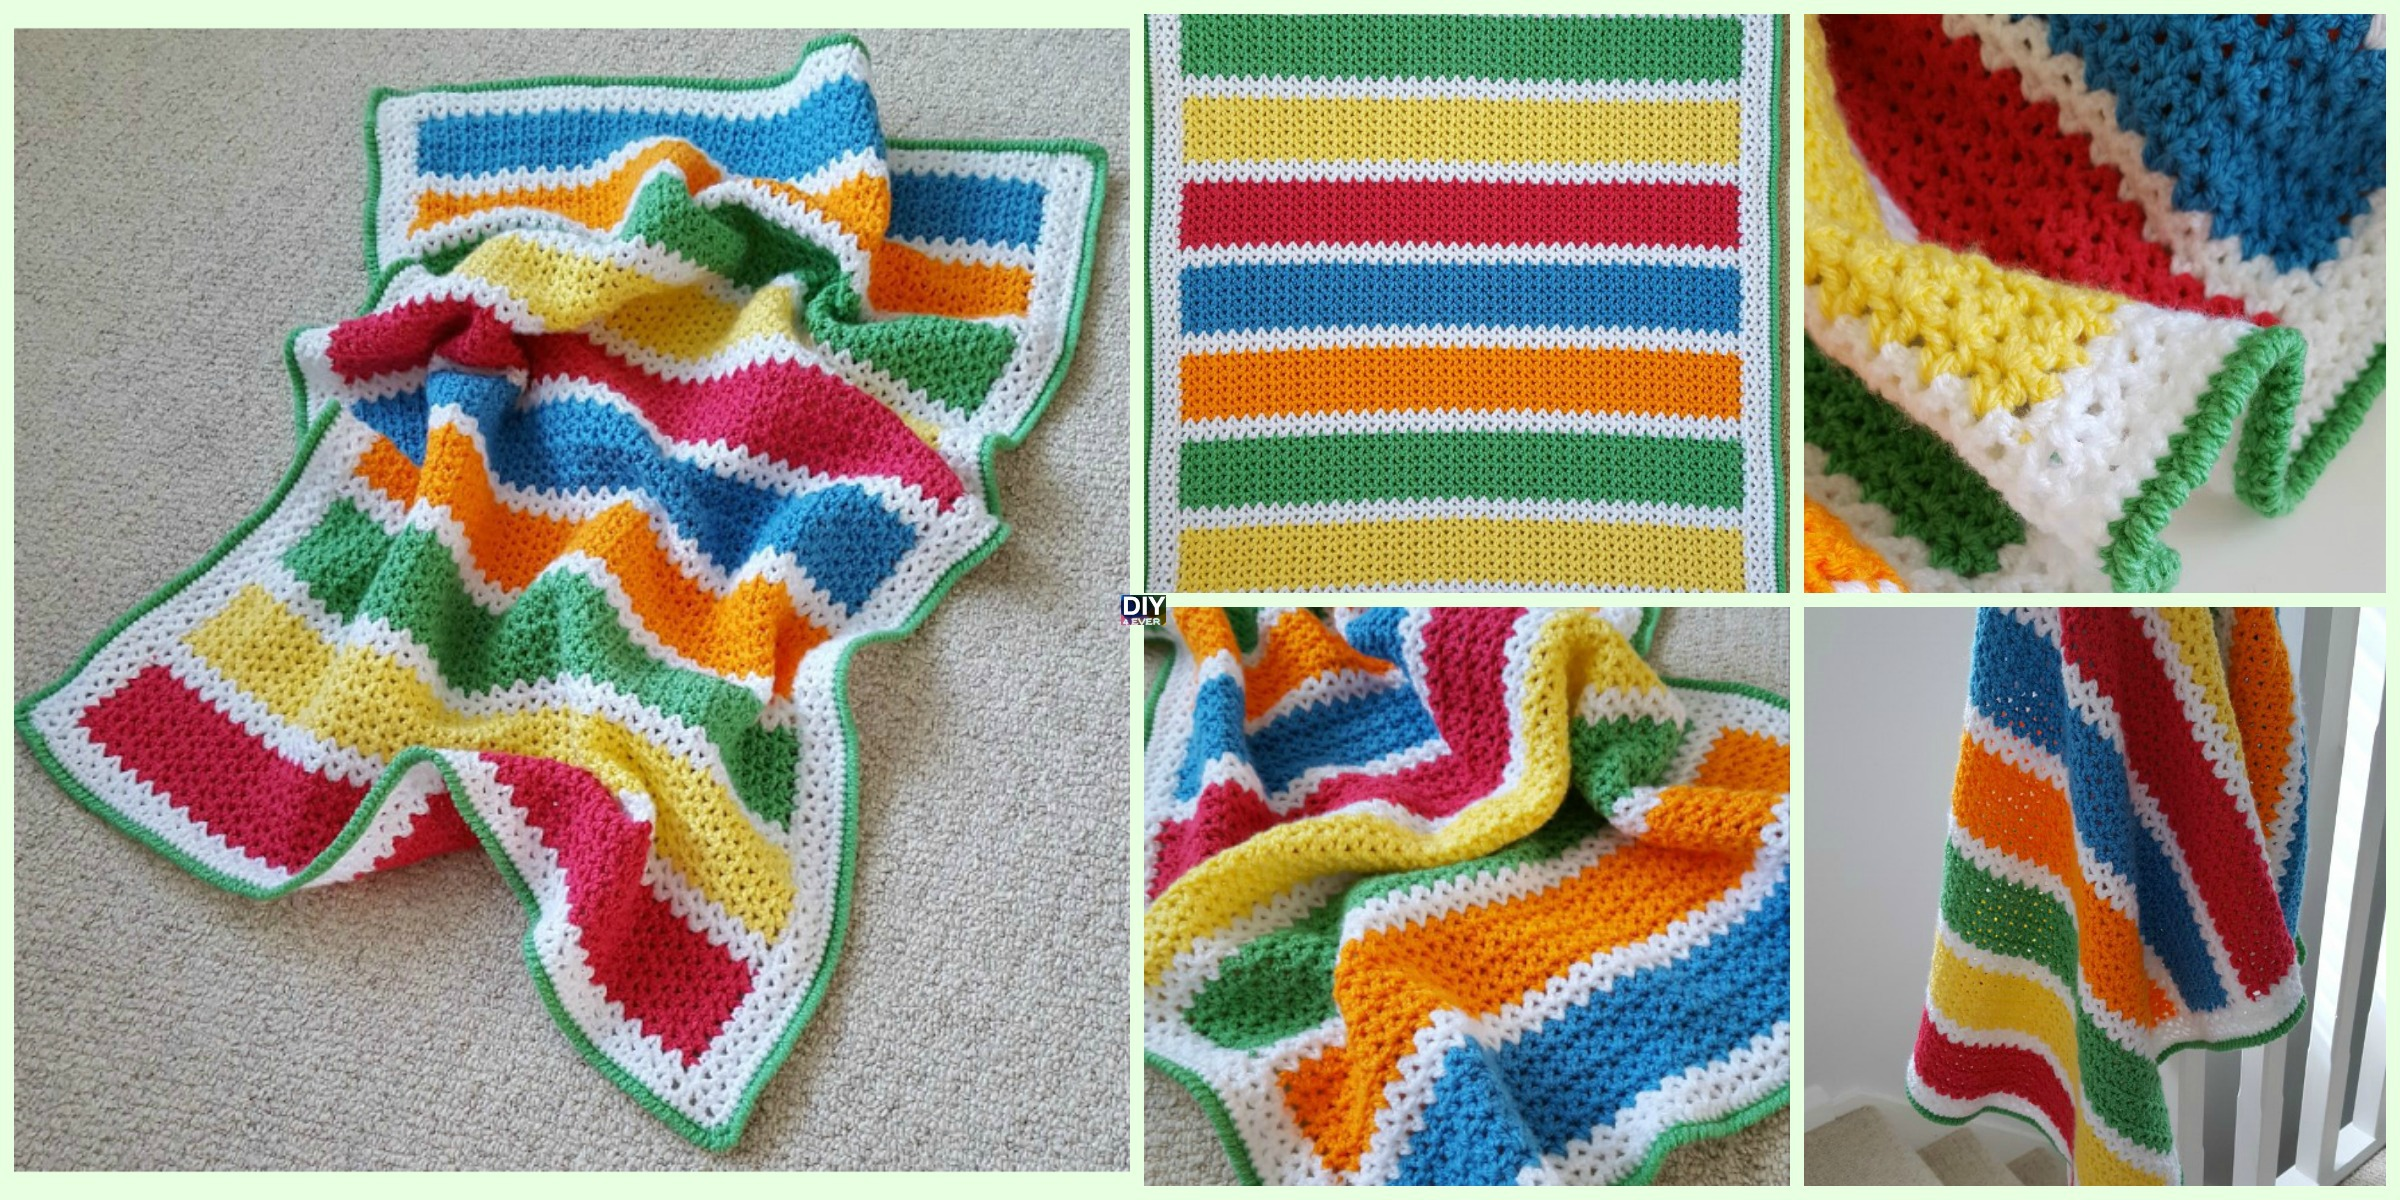 Crochet V-Stitch Baby Blanket - Free Pattern - DIY 4 EVER